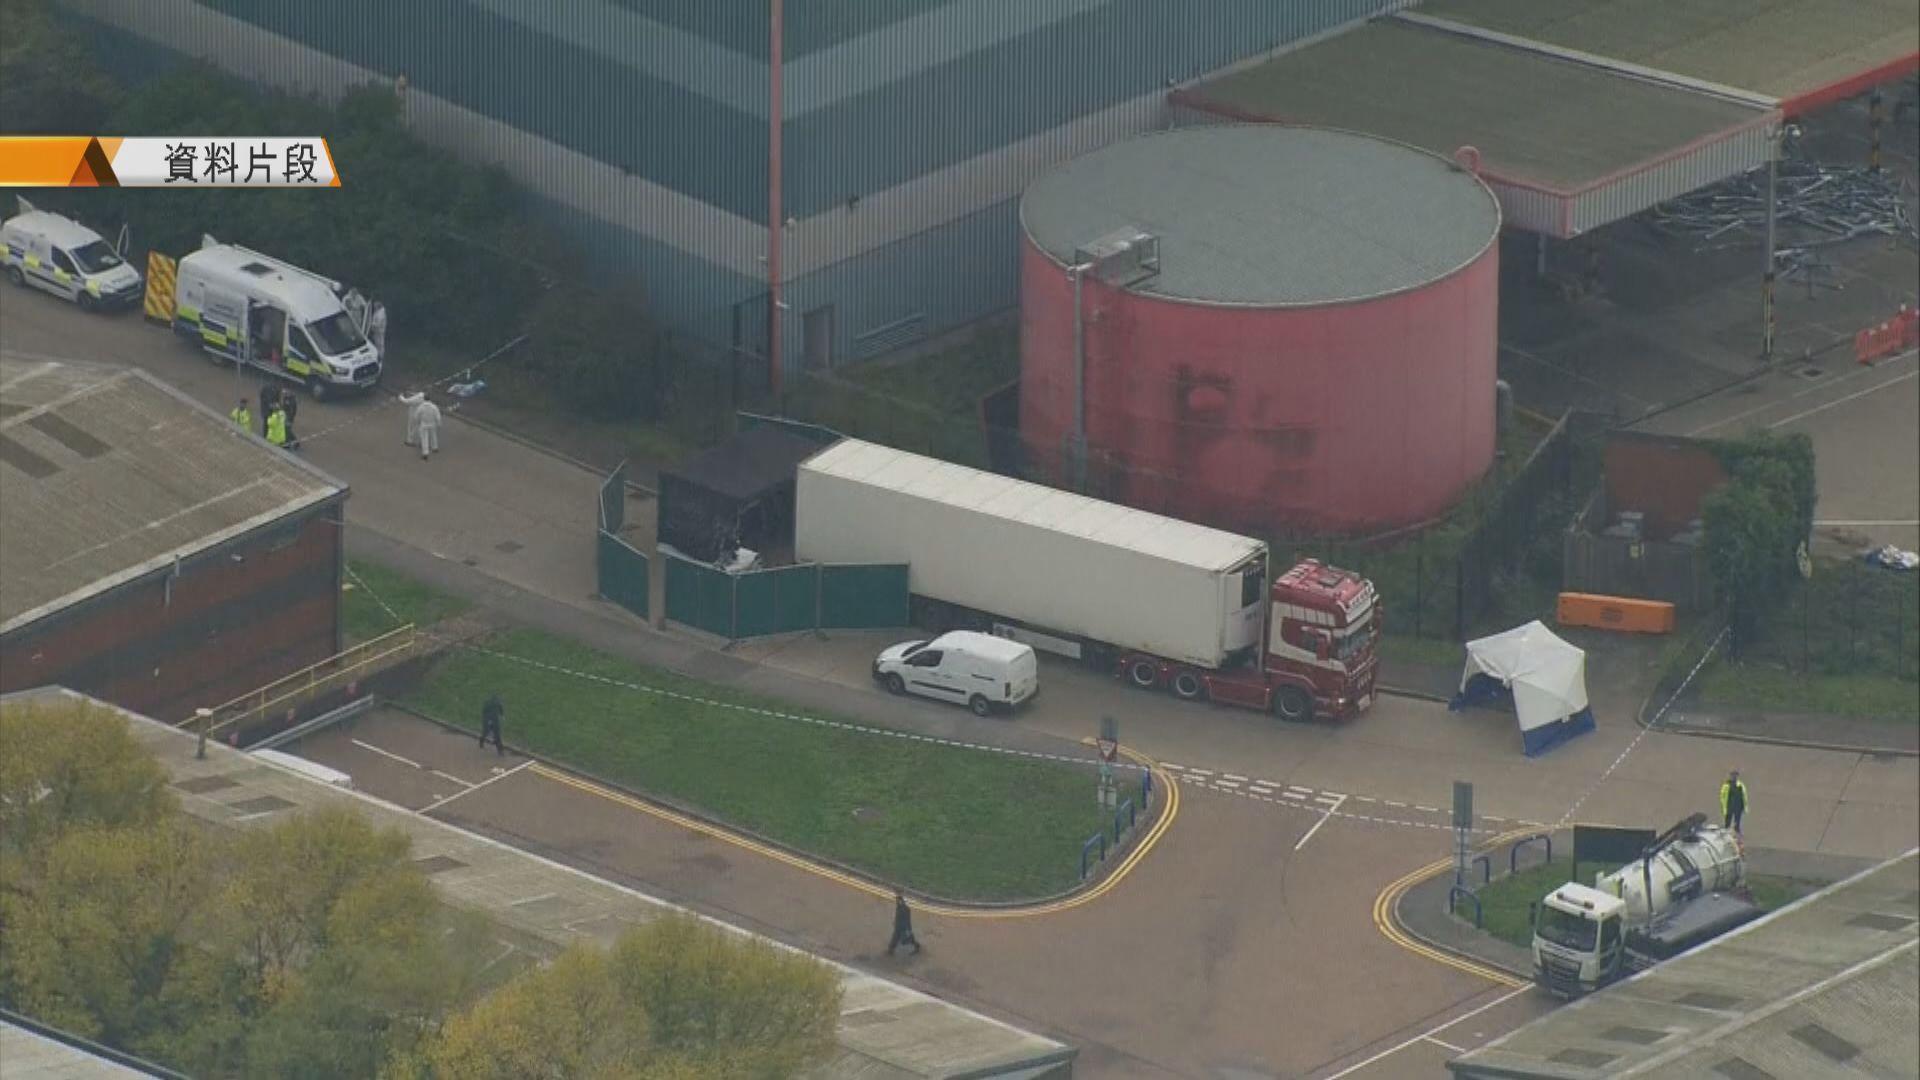 英國貨櫃車屍體案 仍未確定死者國籍